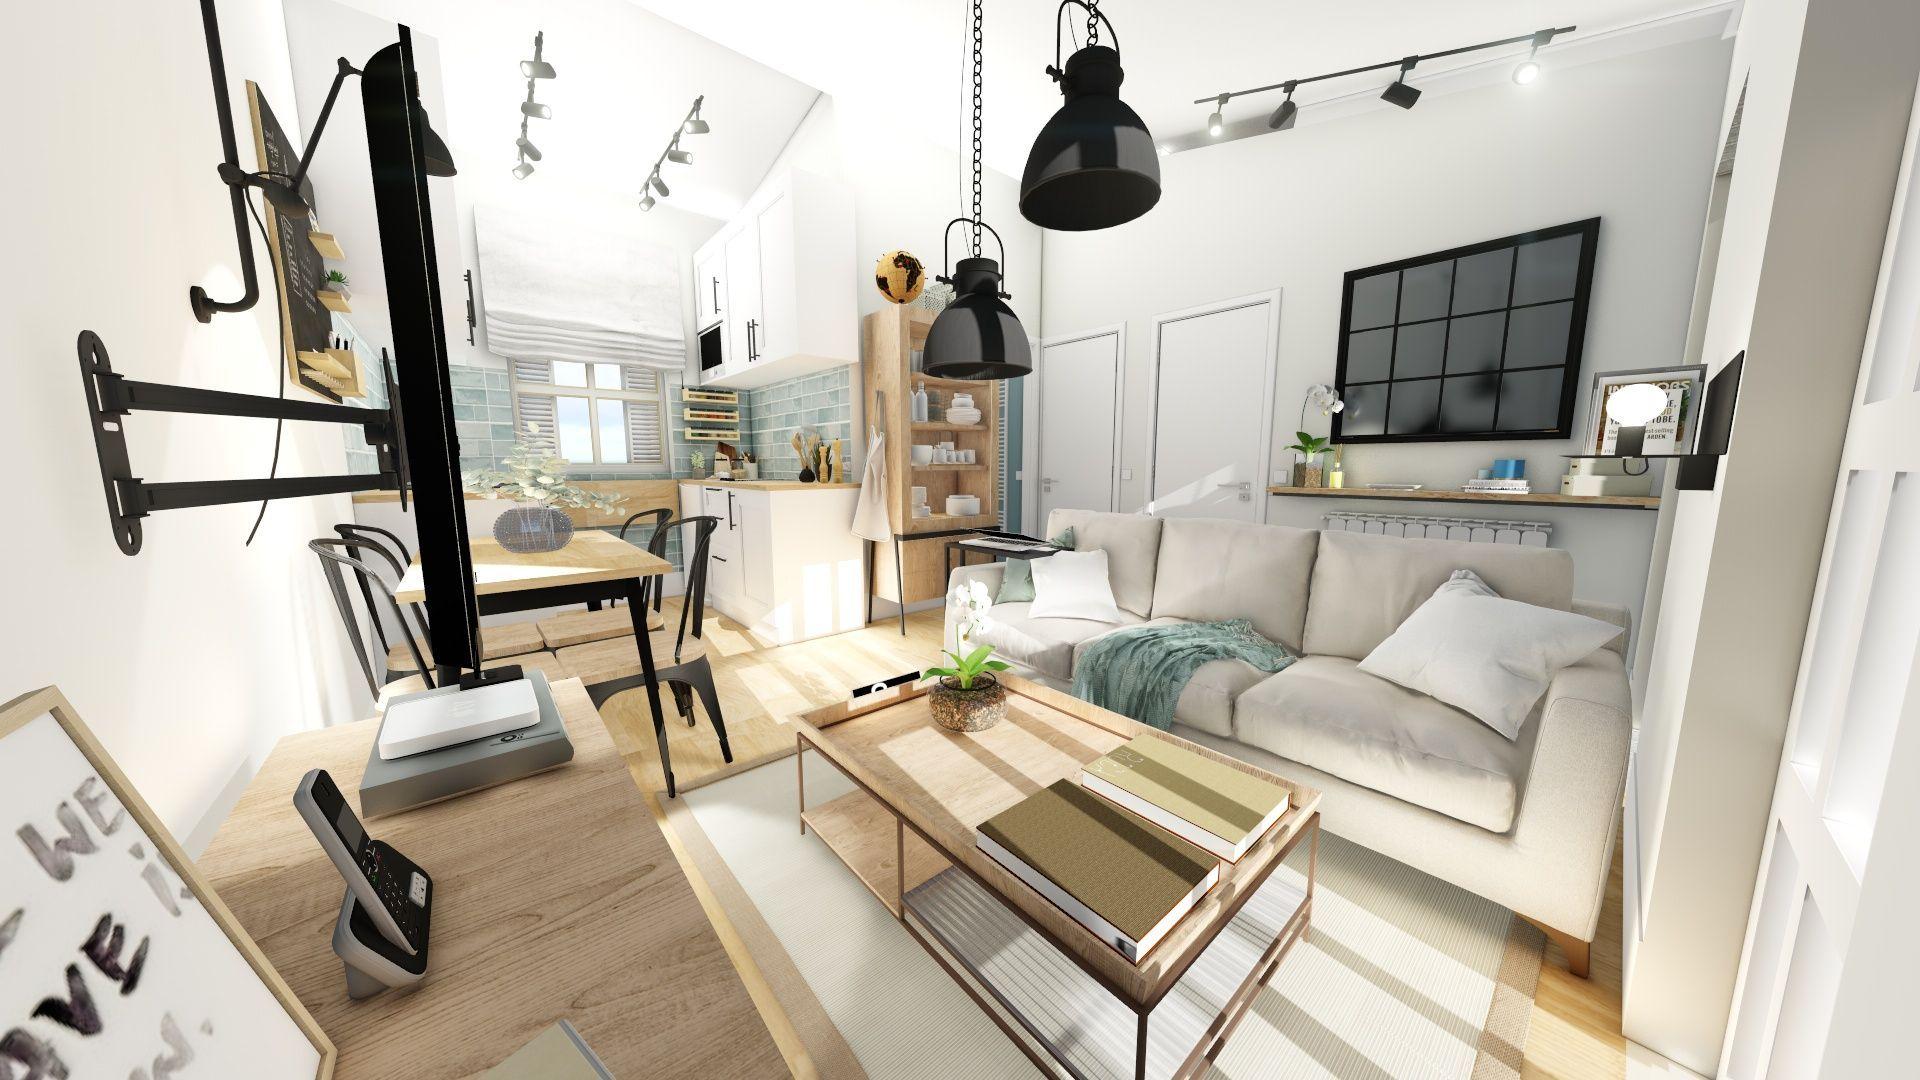 Proyecto diseño e interiorismo 3D online para casa rural en Santander de estilo Farmhouse moderno #SlowInteriorDesign #SlowLife #AnaUtrillaInteriorismo @Utrillanais